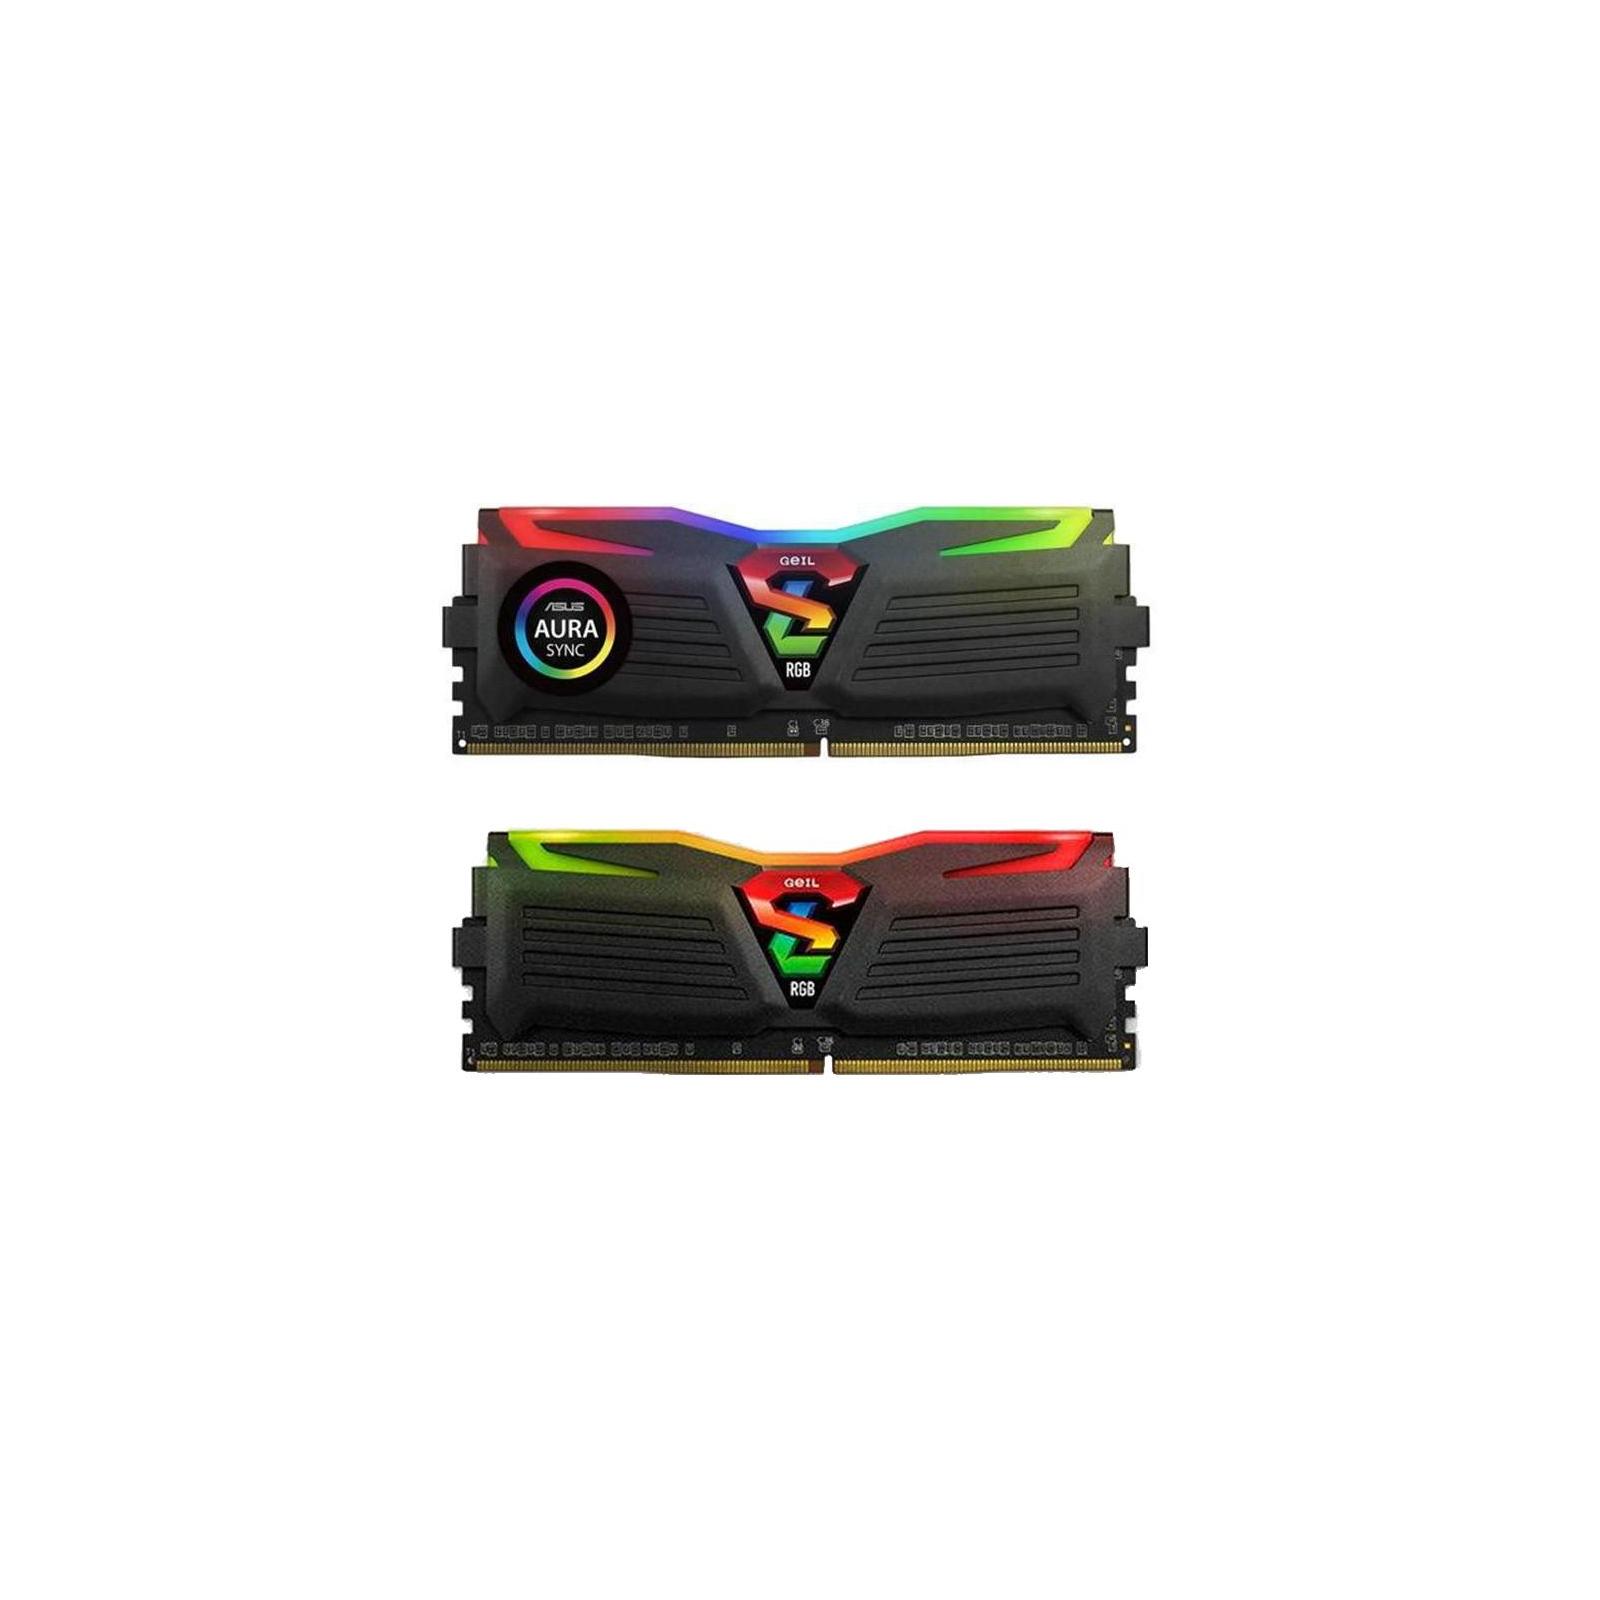 Модуль памяти для компьютера DDR4 16GB (2x8GB) 3000 MHz Super Luce Black RGB Sync LED Geil (GLS416GB3000C16ADC)